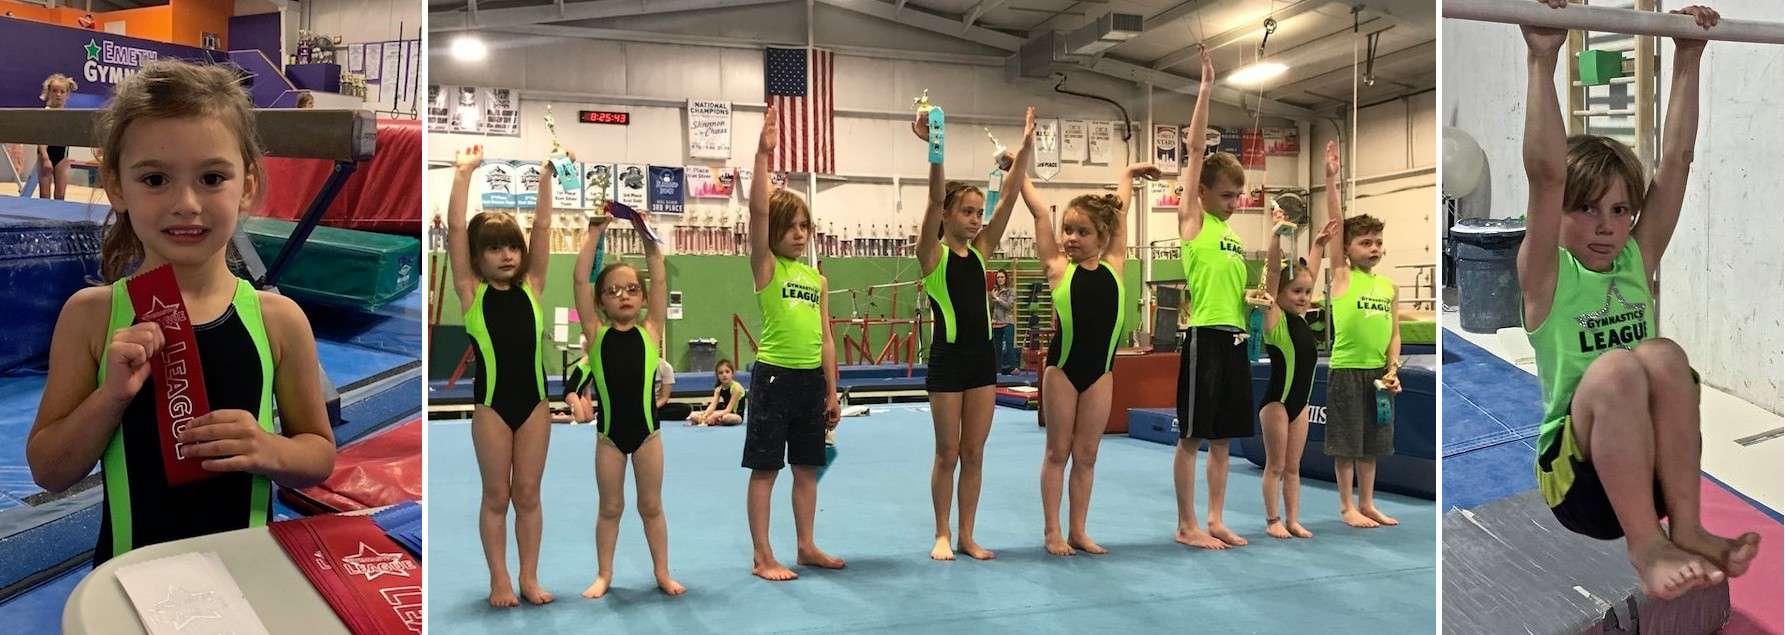 gymnastics league competitors